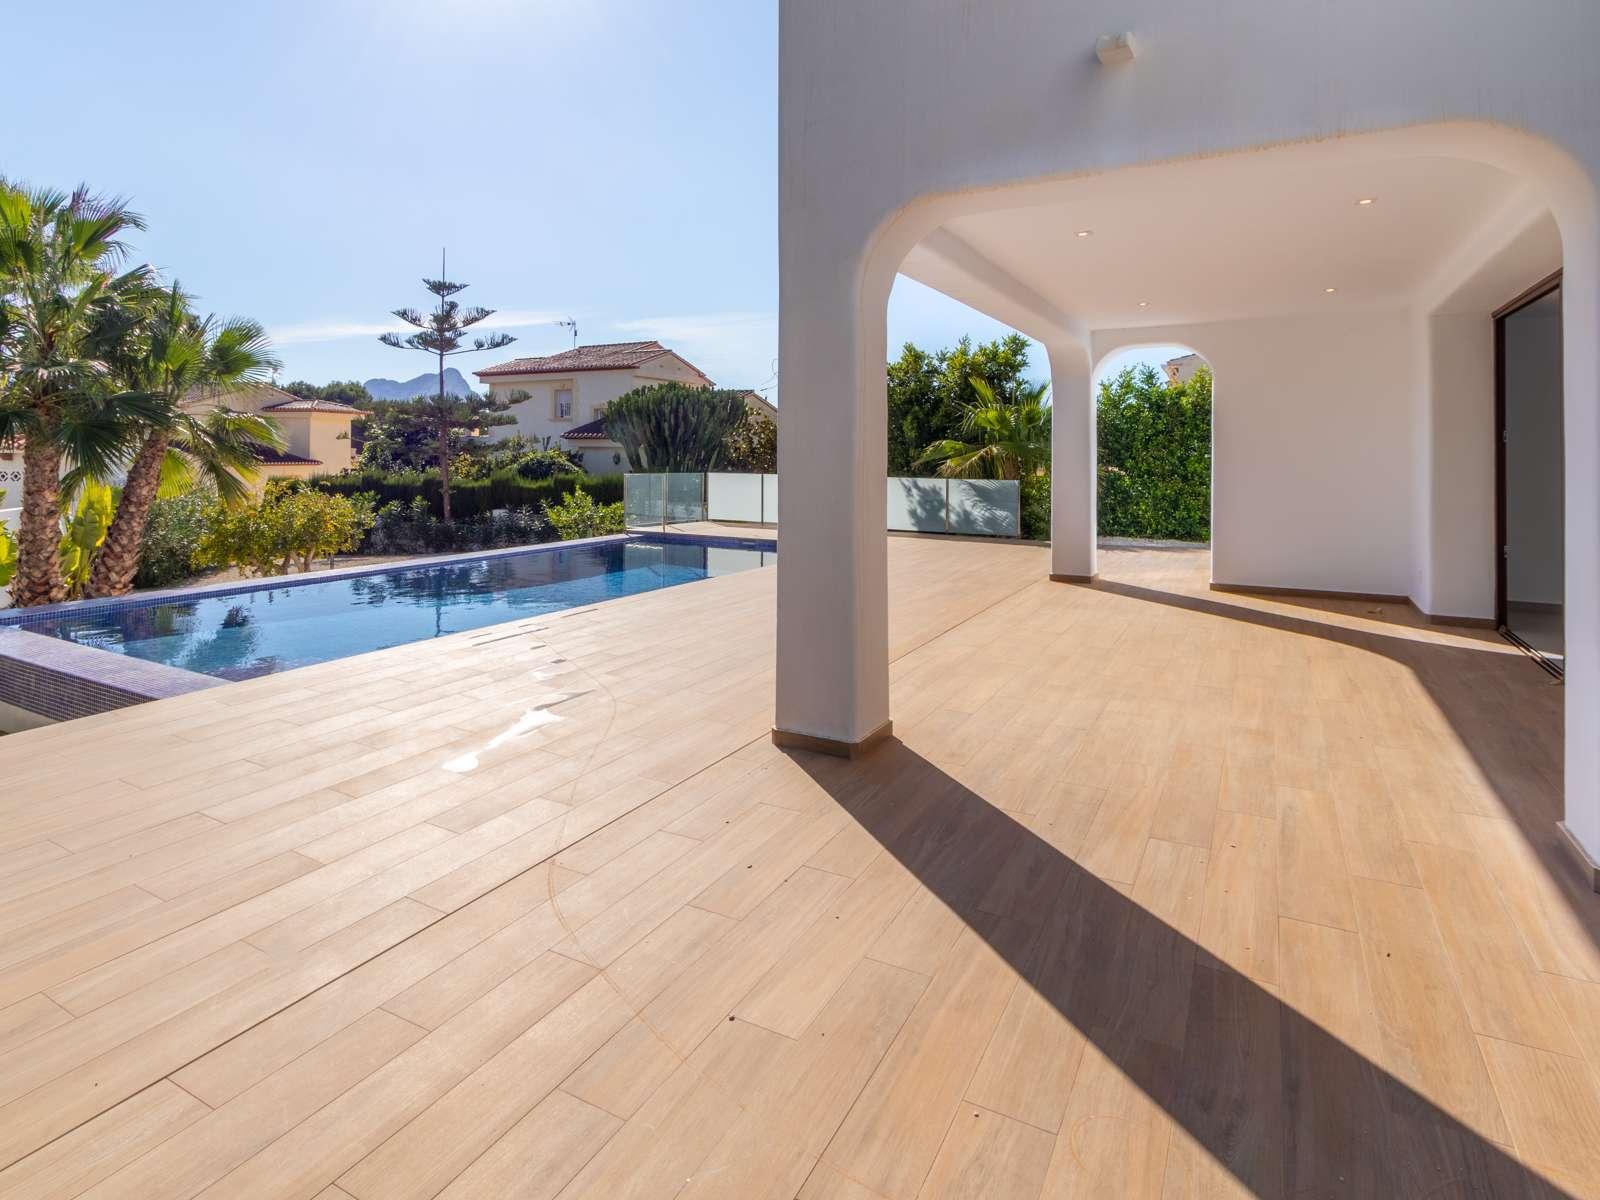 Fotogalería - 21 - Olea-Home | Real Estate en Orba y Teulada-Moraira |